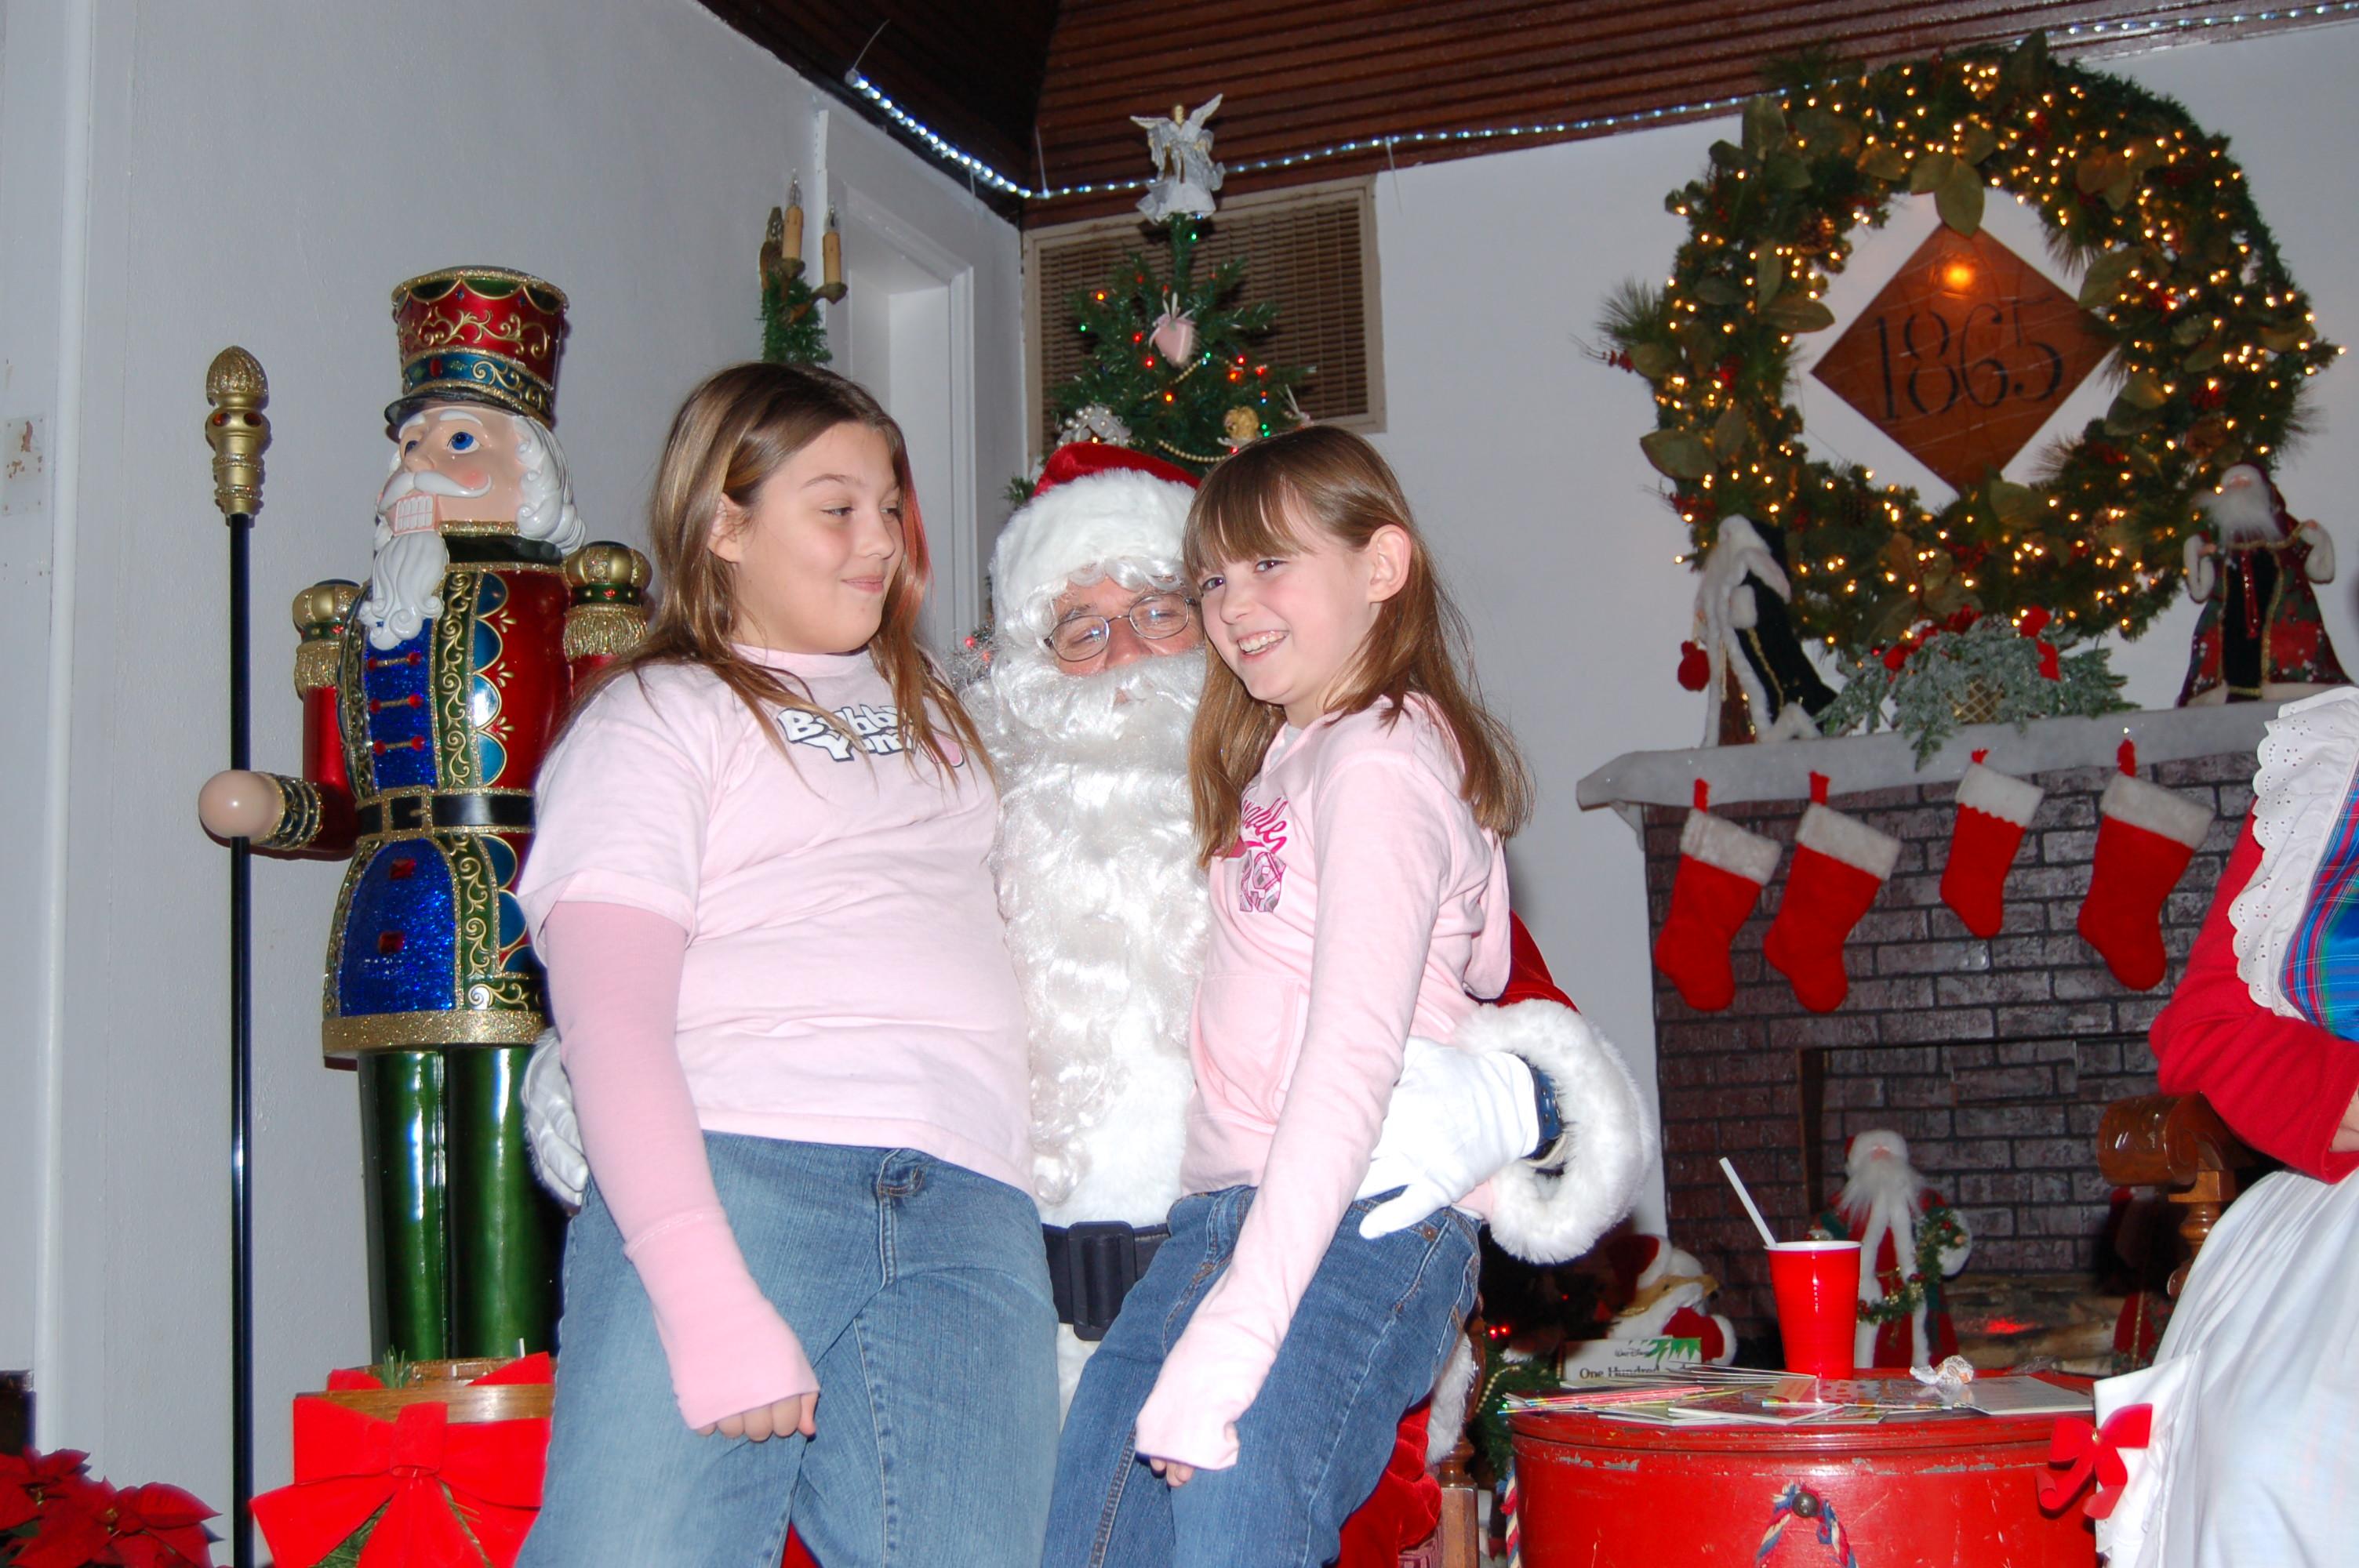 LolliPop+Lane+12-12-2008+Picture+036.jpg